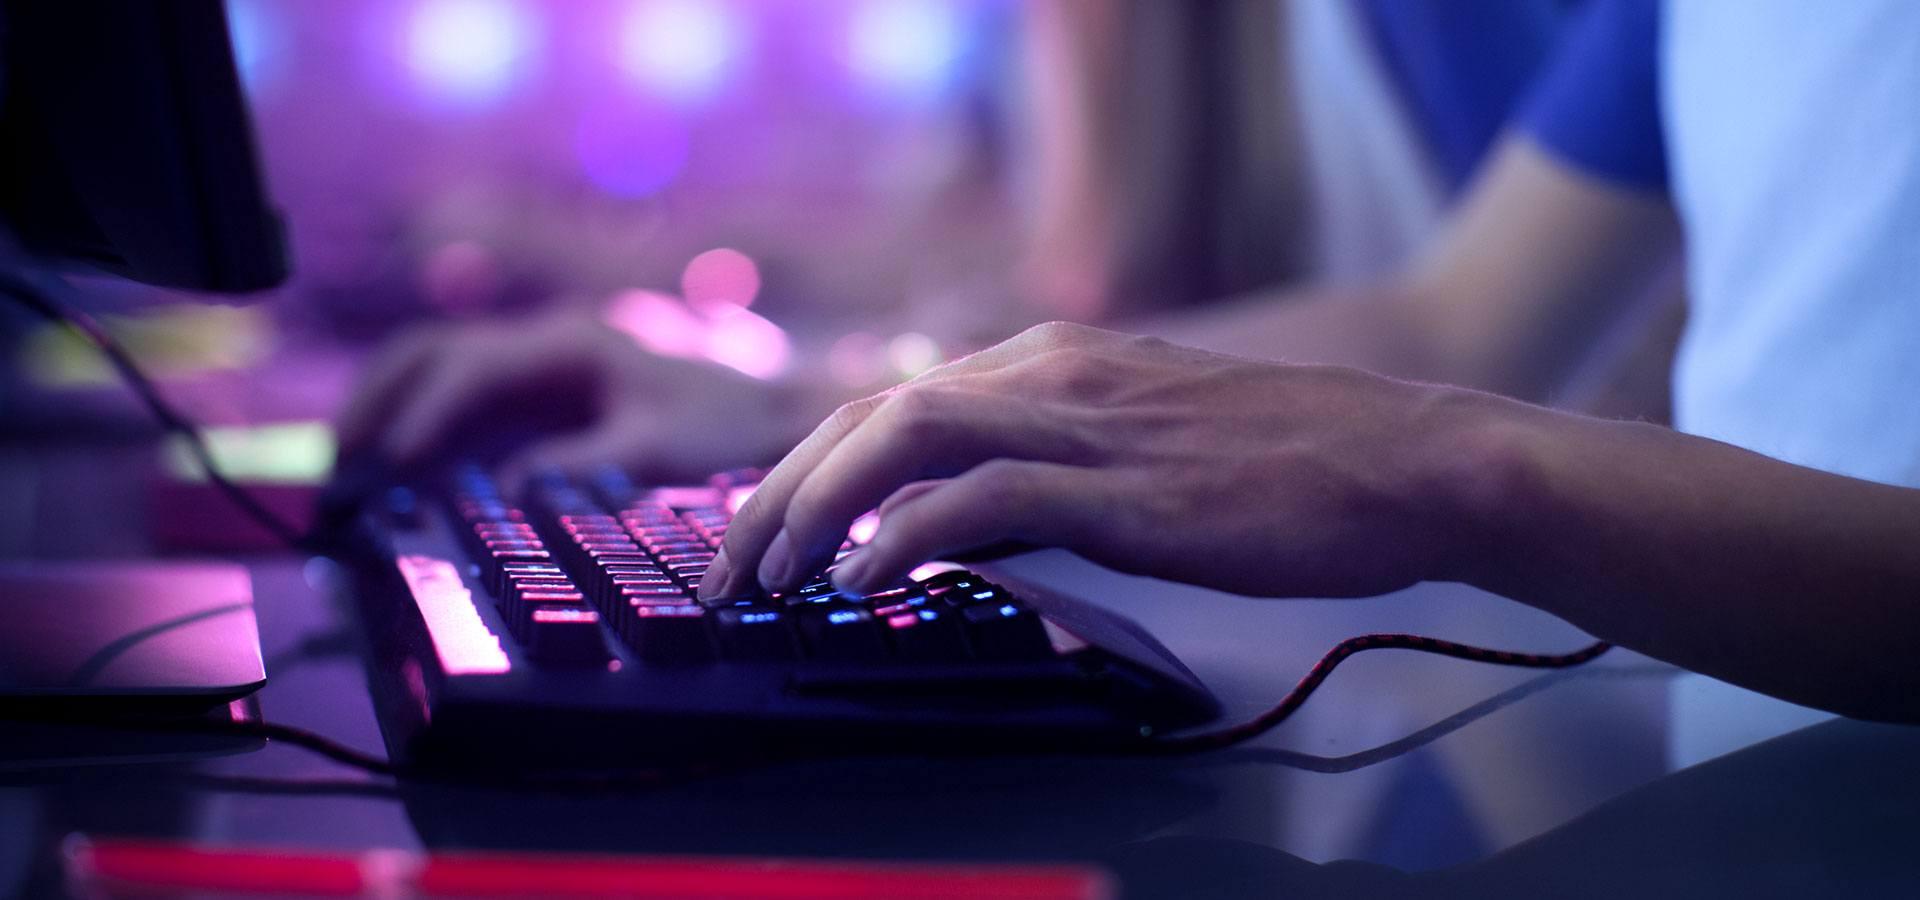 Jeux vidéo : les gamers PC migreront vers les consoles aux alentours de 2022